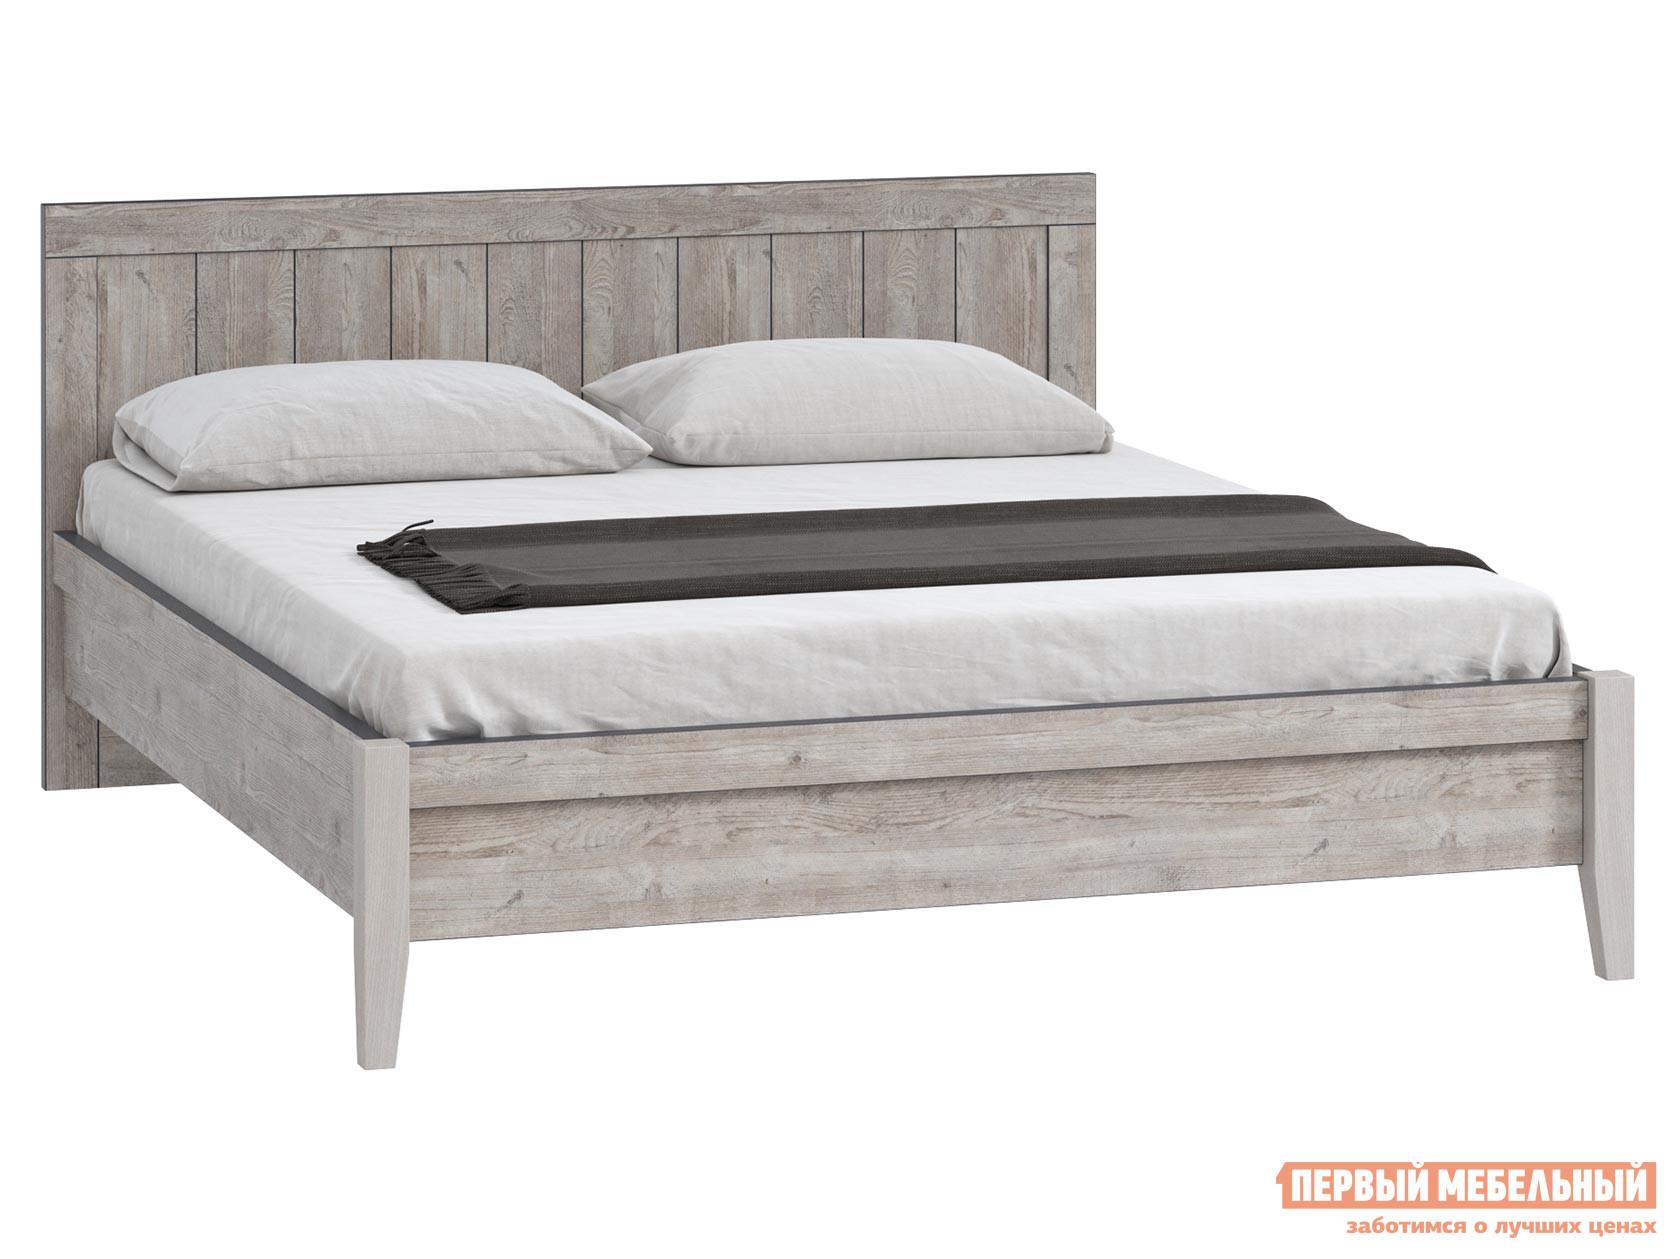 Двуспальная кровать  Эссен Кровать №2 Боб Пайн, 1600 Х 2000 мм, Без основания